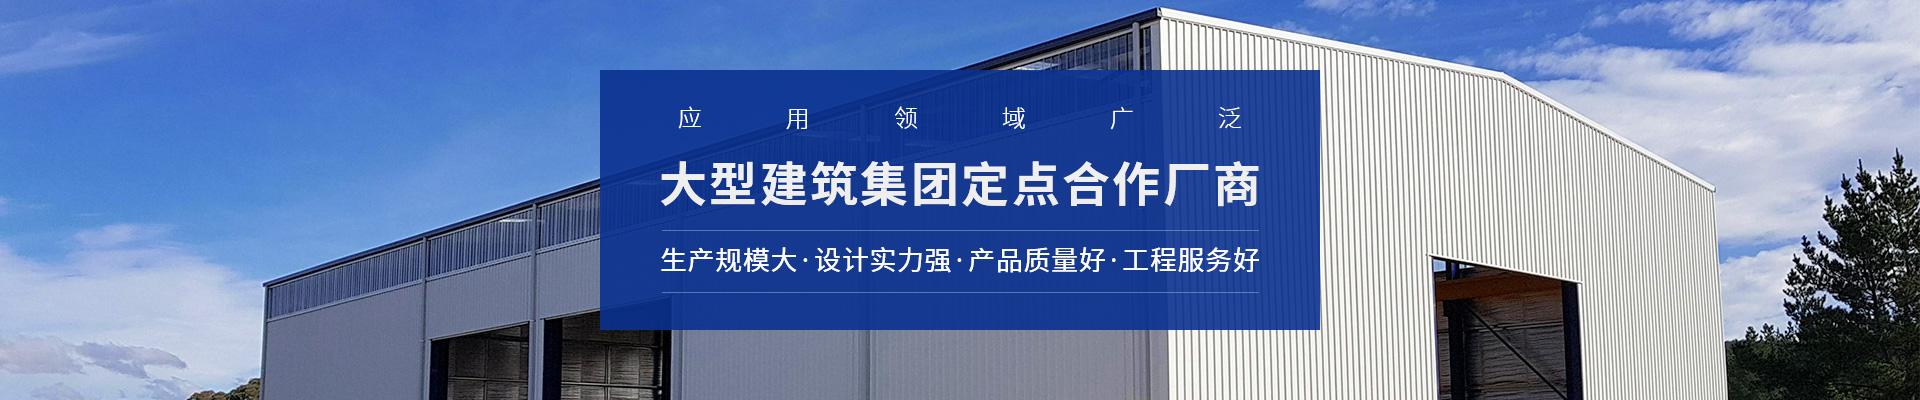 天谱安钢结构工程-应用领域广泛,大型建筑集团定点合作厂商